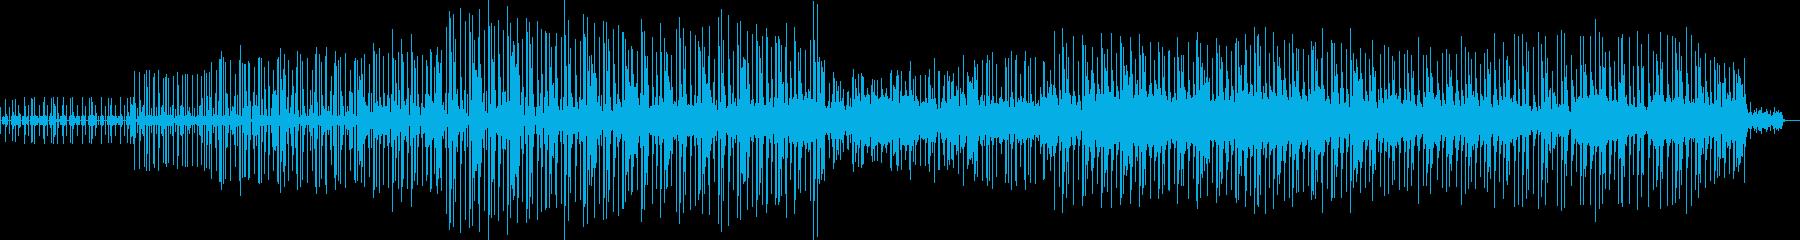 ミステリアスな雰囲気のファンクフュージョの再生済みの波形